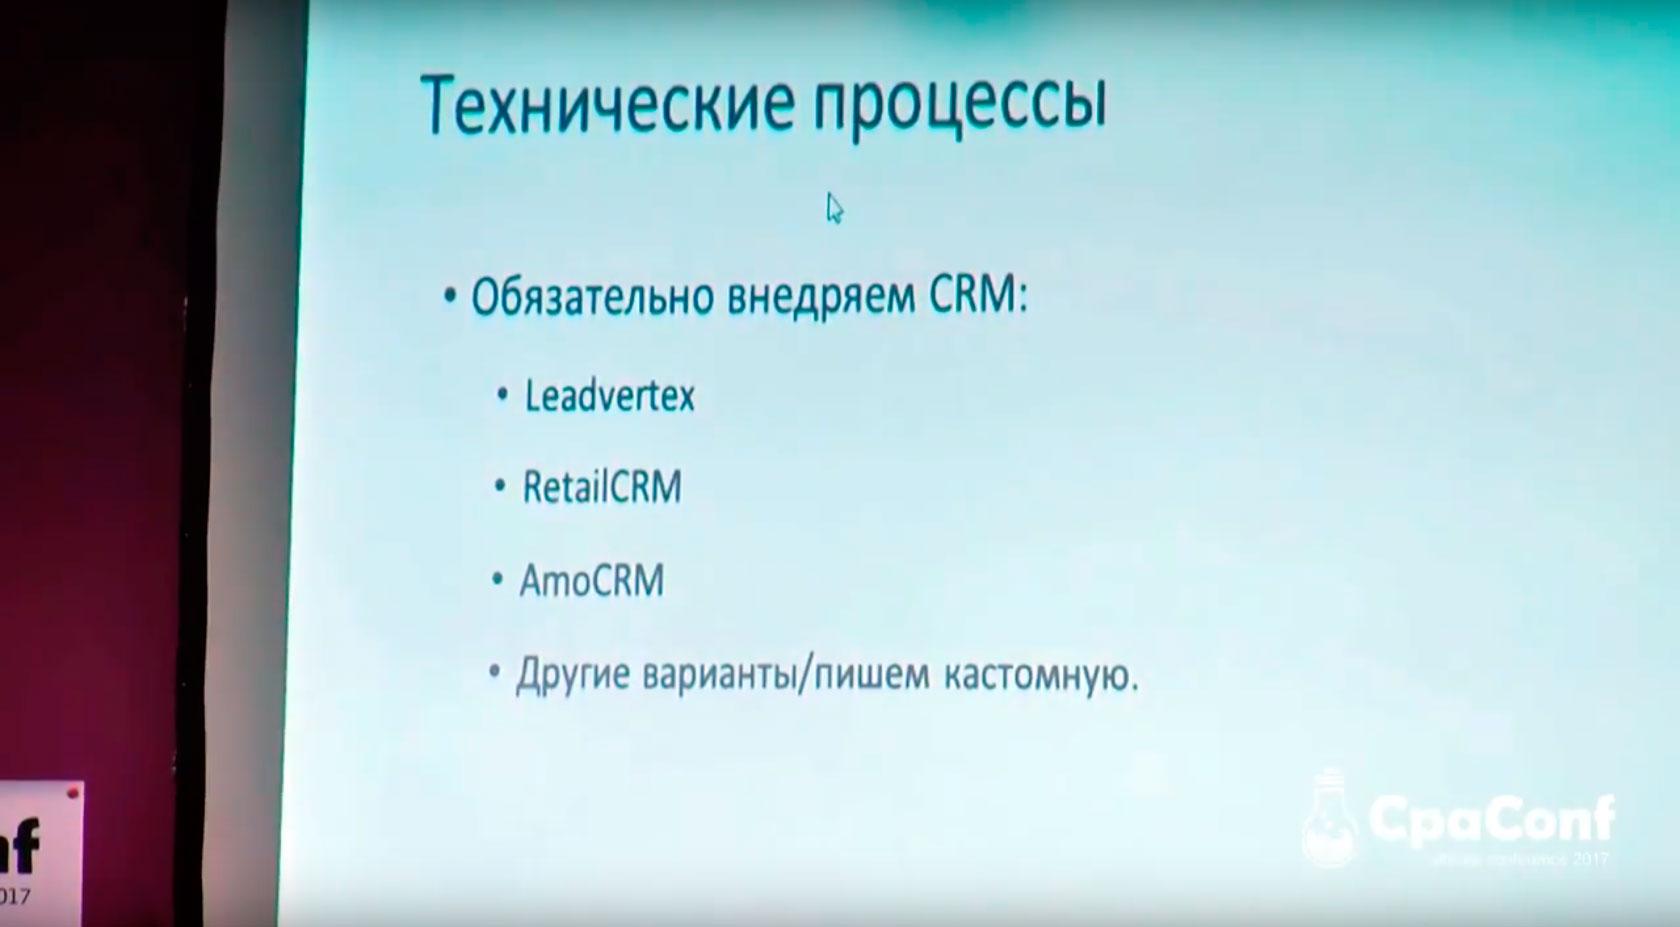 Системный отдел продаж товаров для СРА